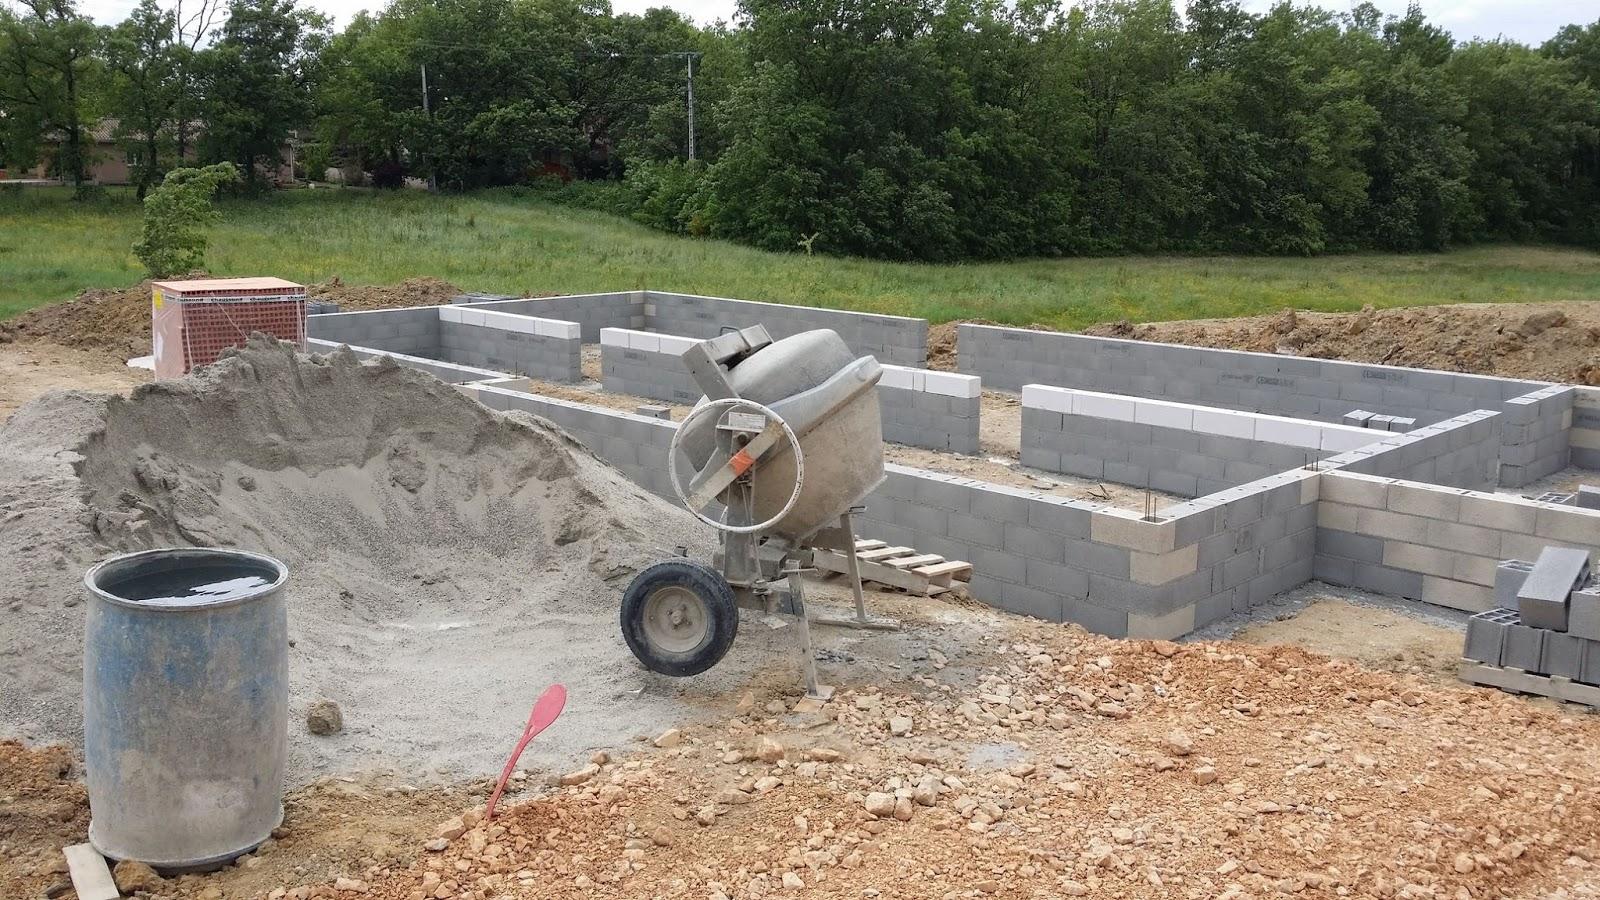 ma troisième maison sera rt 2012: échéancier facturation construction - Echeancier Construction Maison Individuelle